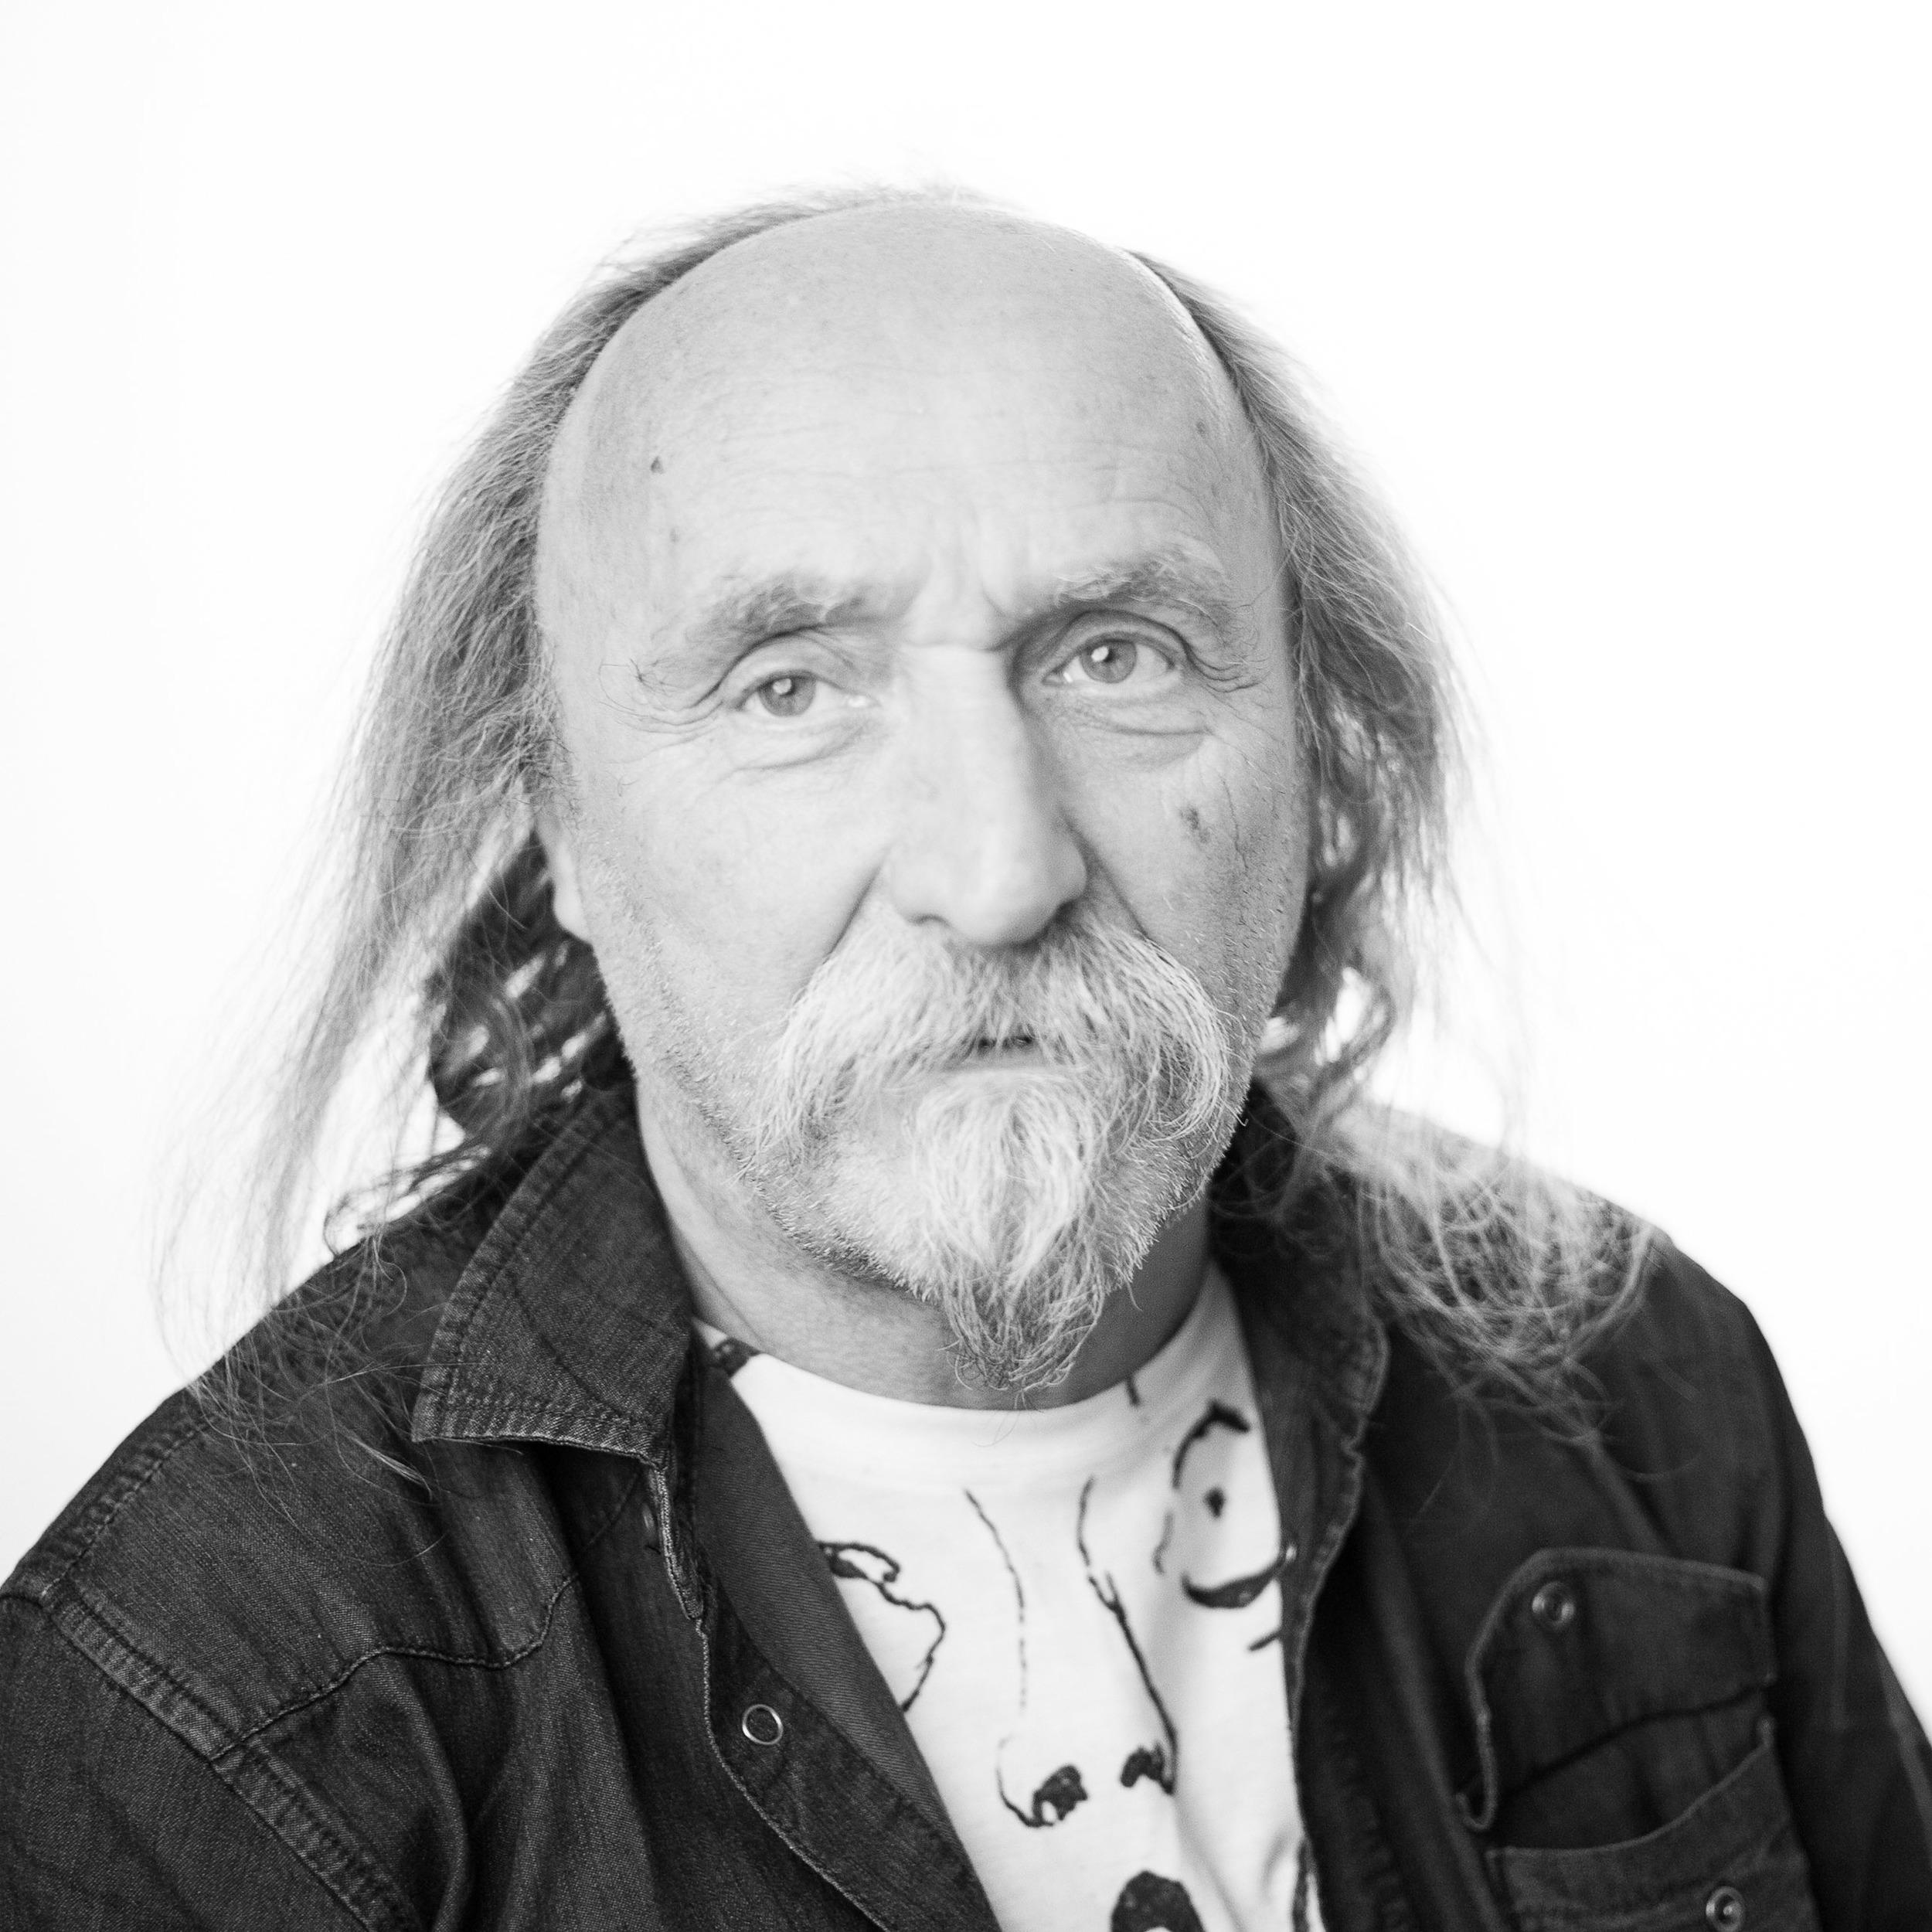 Rainer Rygalyk